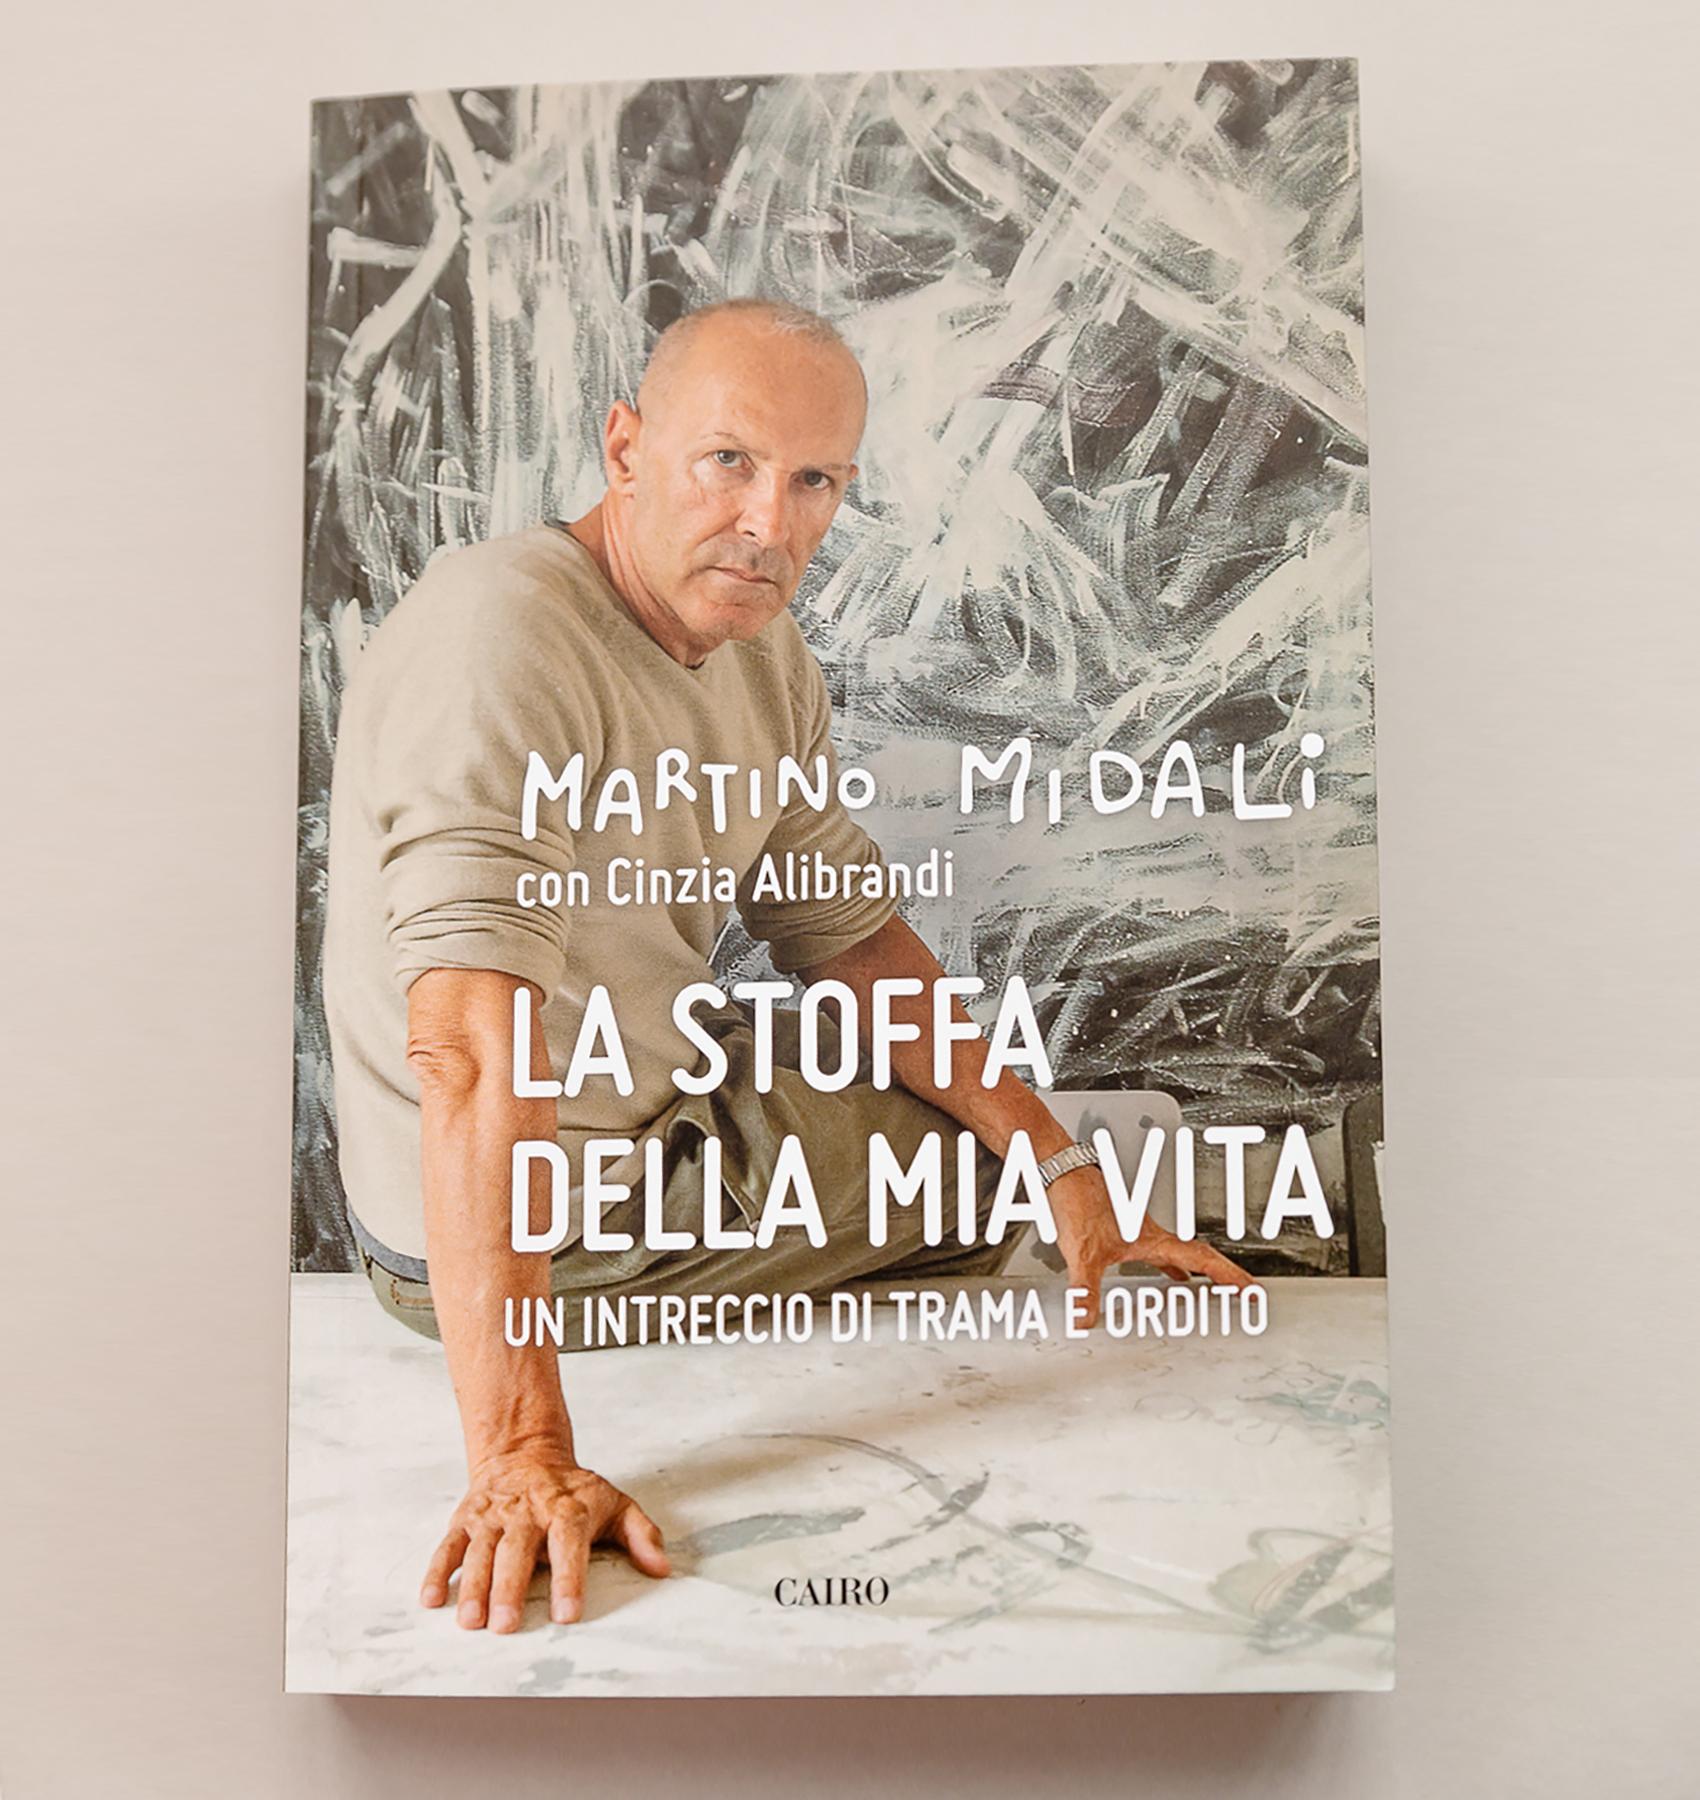 fattidistorie_martino_midali